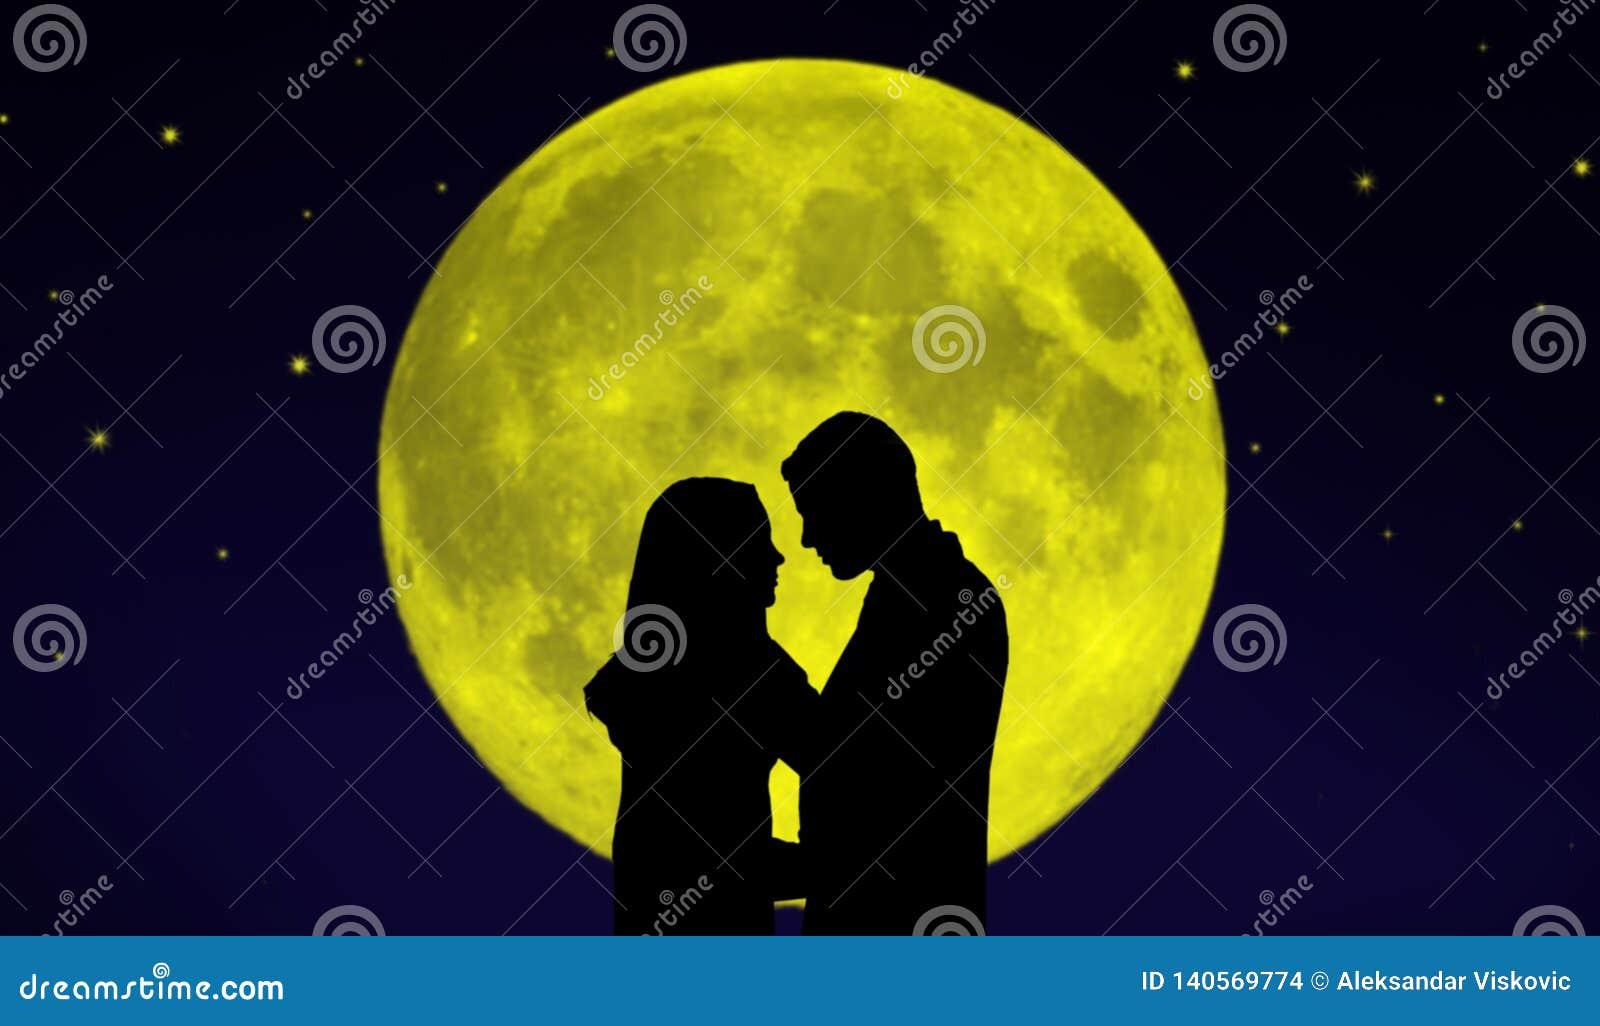 Соедините перед луной